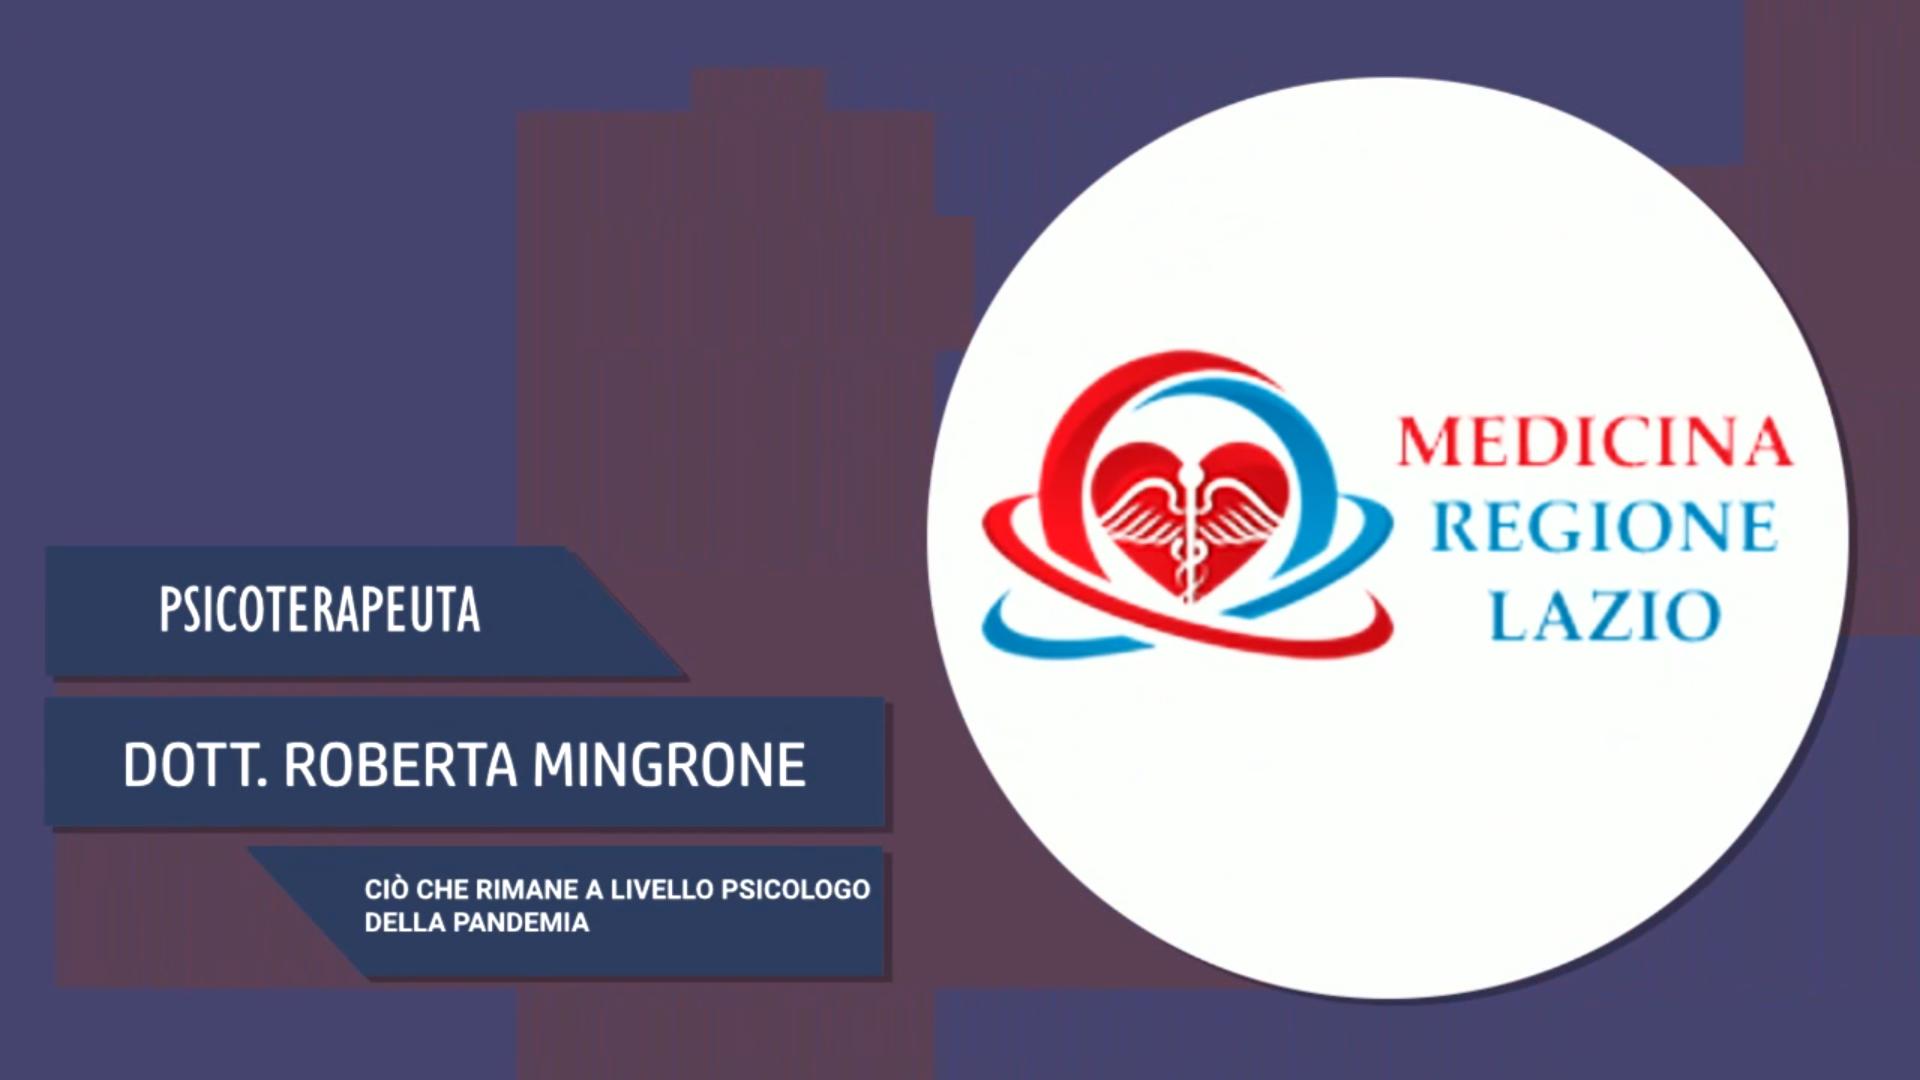 Intervista alla Dott.ssa Roberta Mingrone – Ciò che rimane a livello psicologico della pandemia